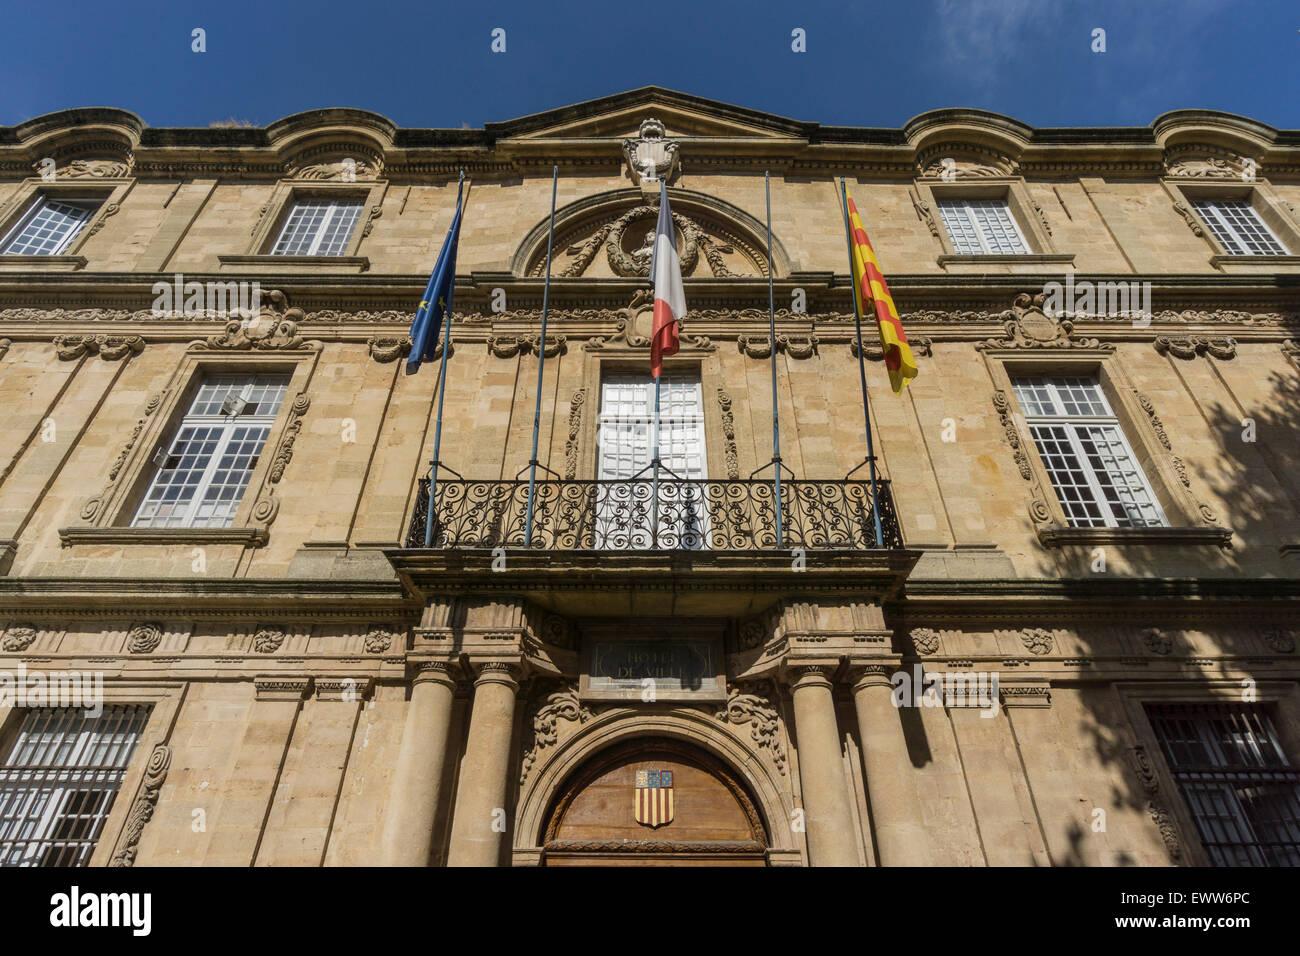 Market Place, Town Hall, Hotel de Ville,  Aix-en-Provence - Stock Image